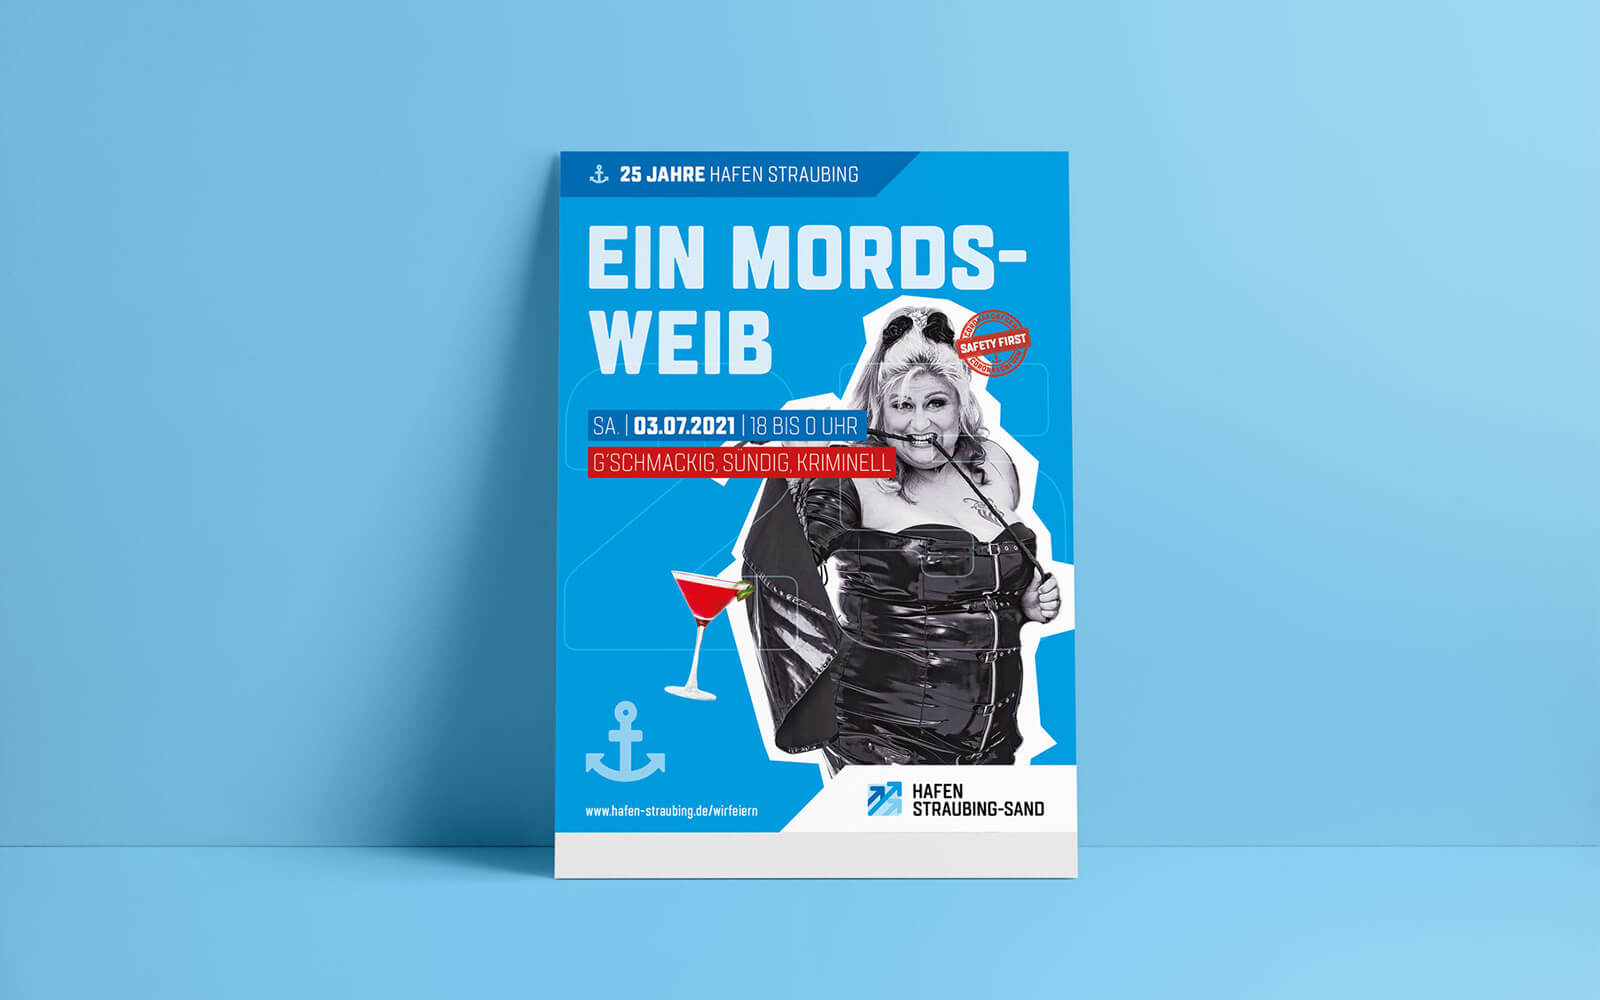 25 Jahre Hafen Straubing-Sand – Plakat Mordsweib